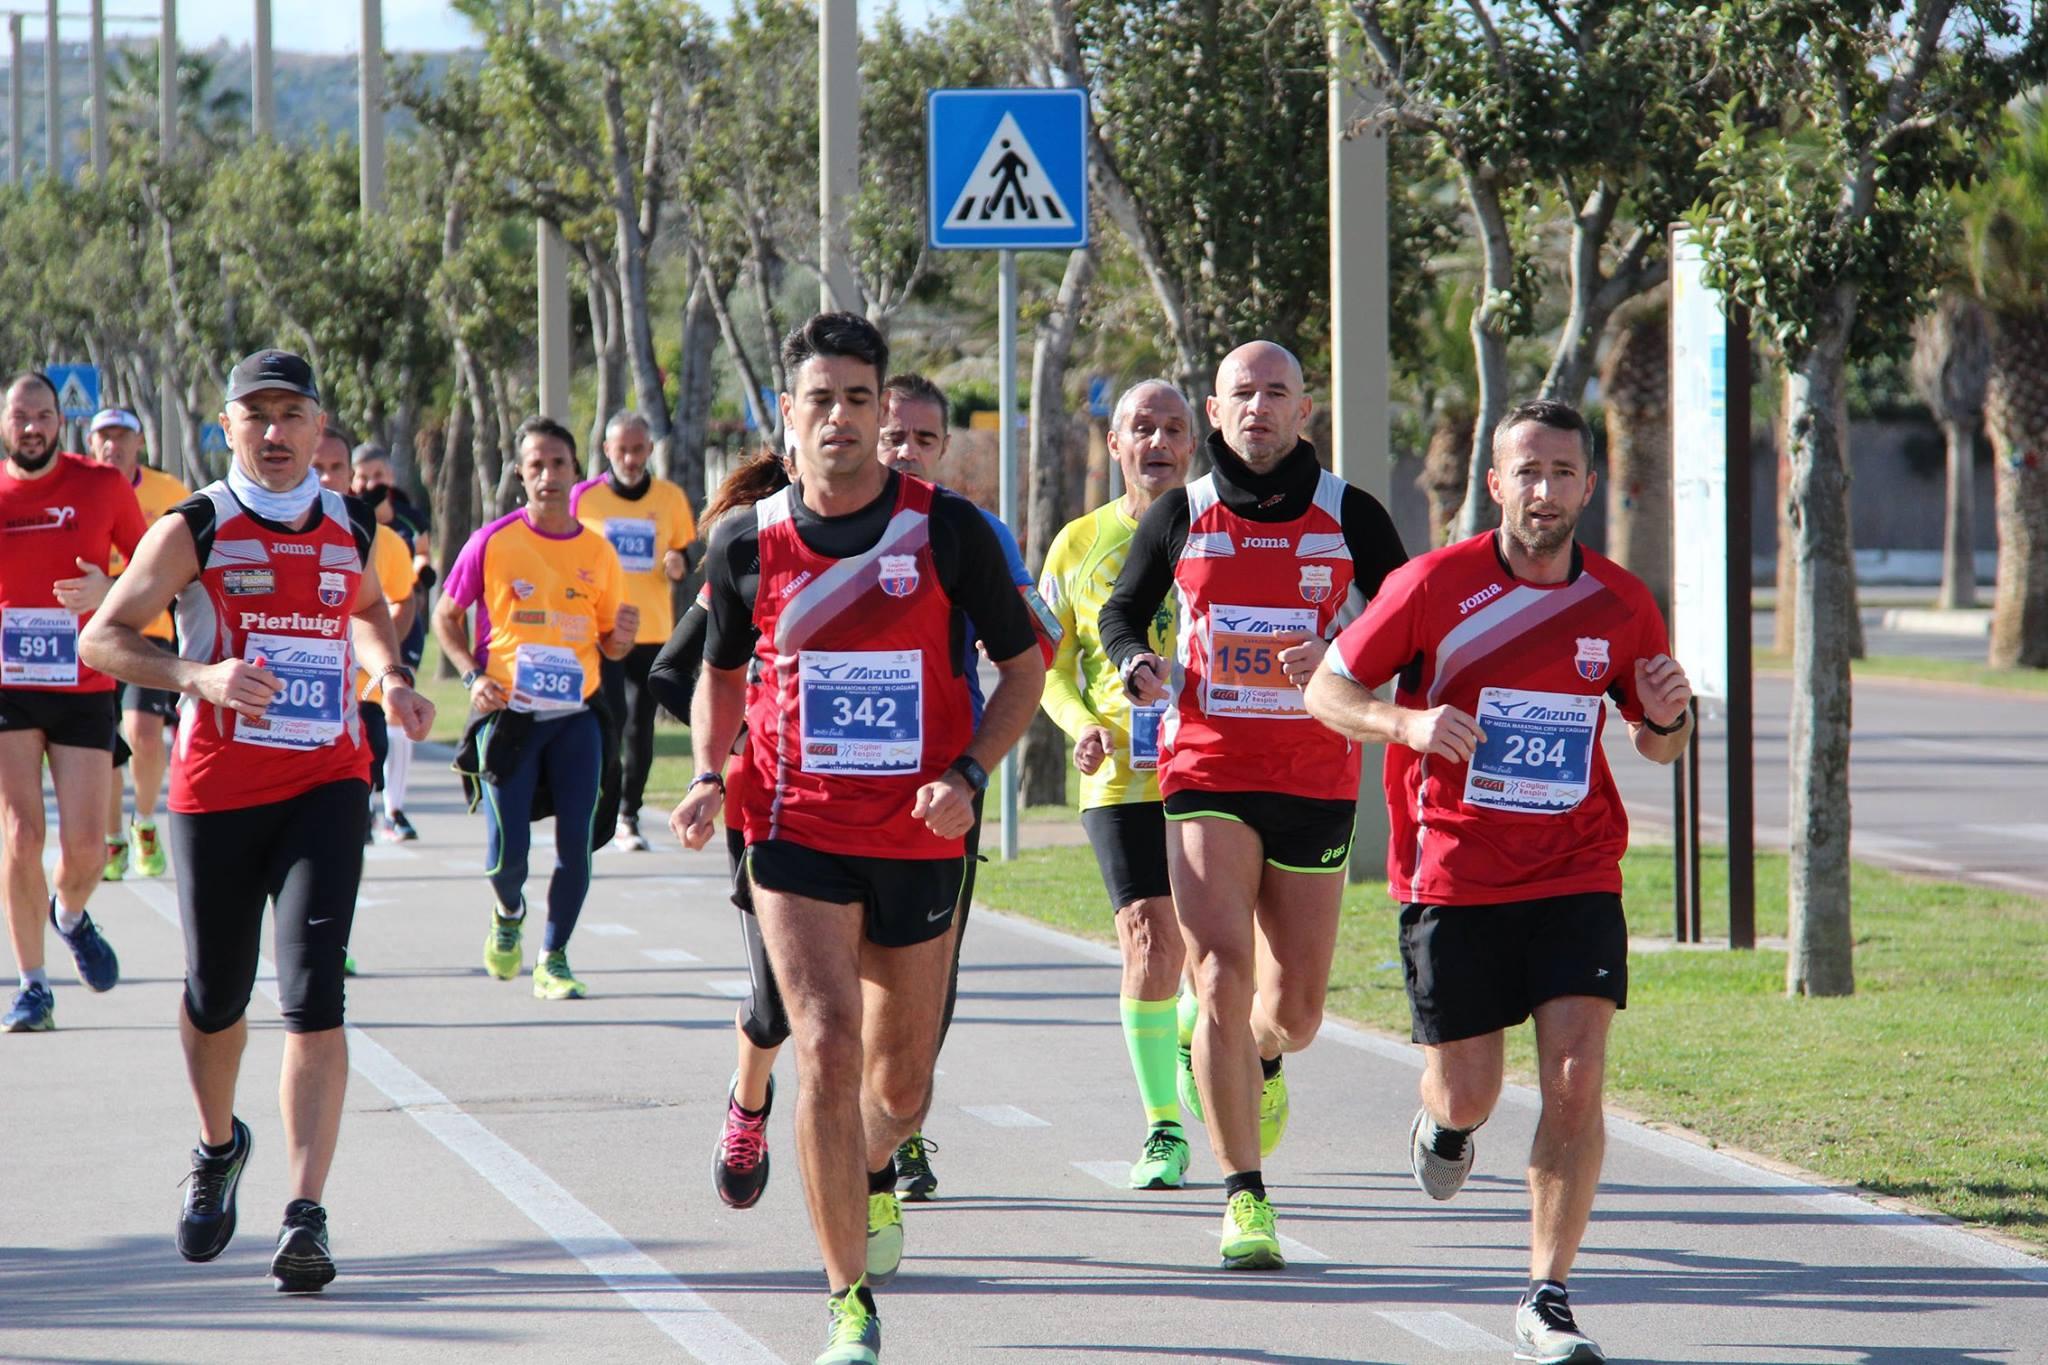 Le novità: CRAI confermato title sponsor e la nuova Kalaris Run 9.9